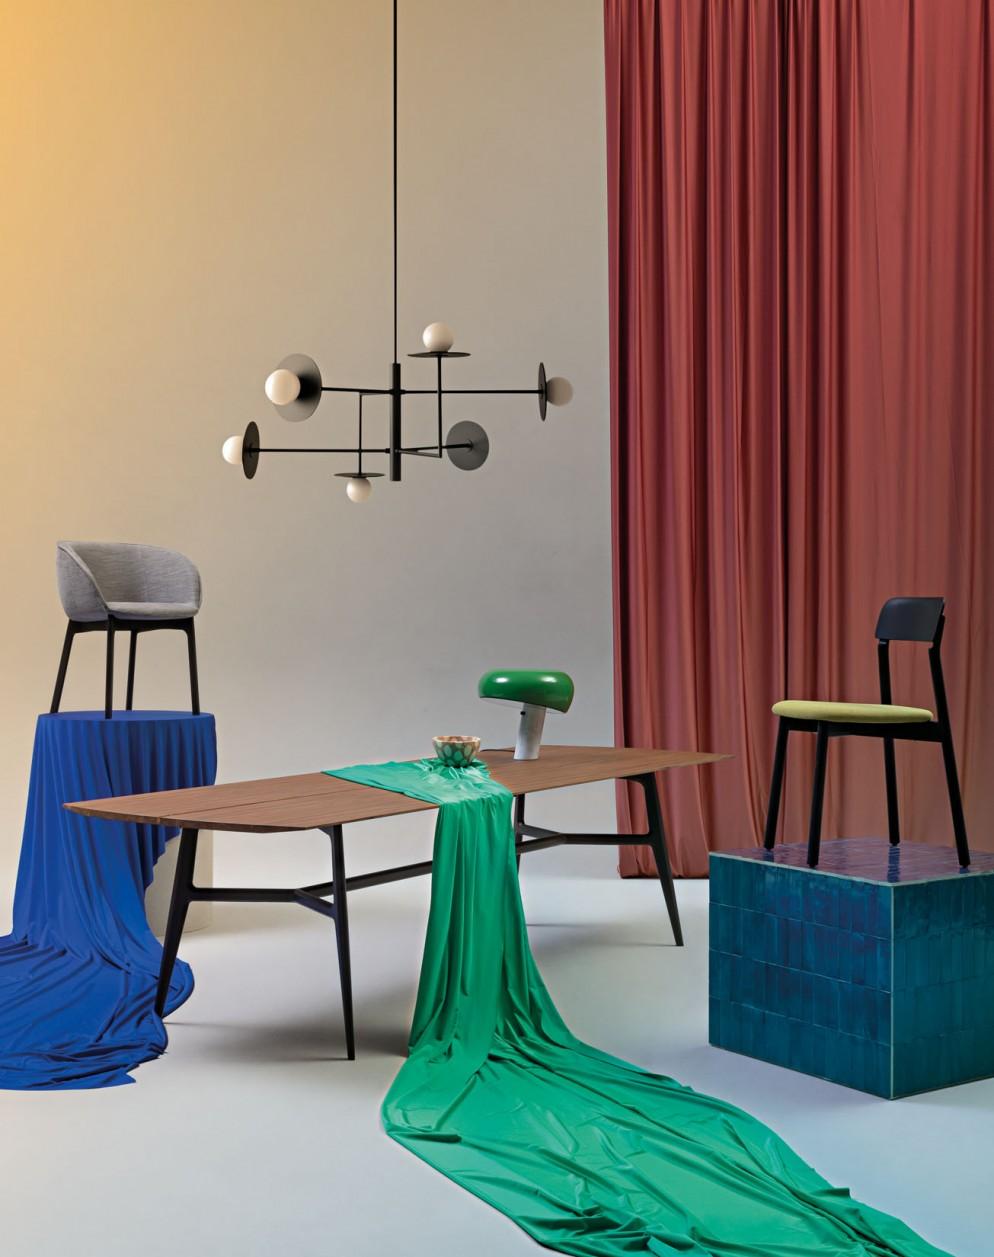 idee-per-arredare-salotto-divani-lampade-sedie-poltroncine-tavoli-05